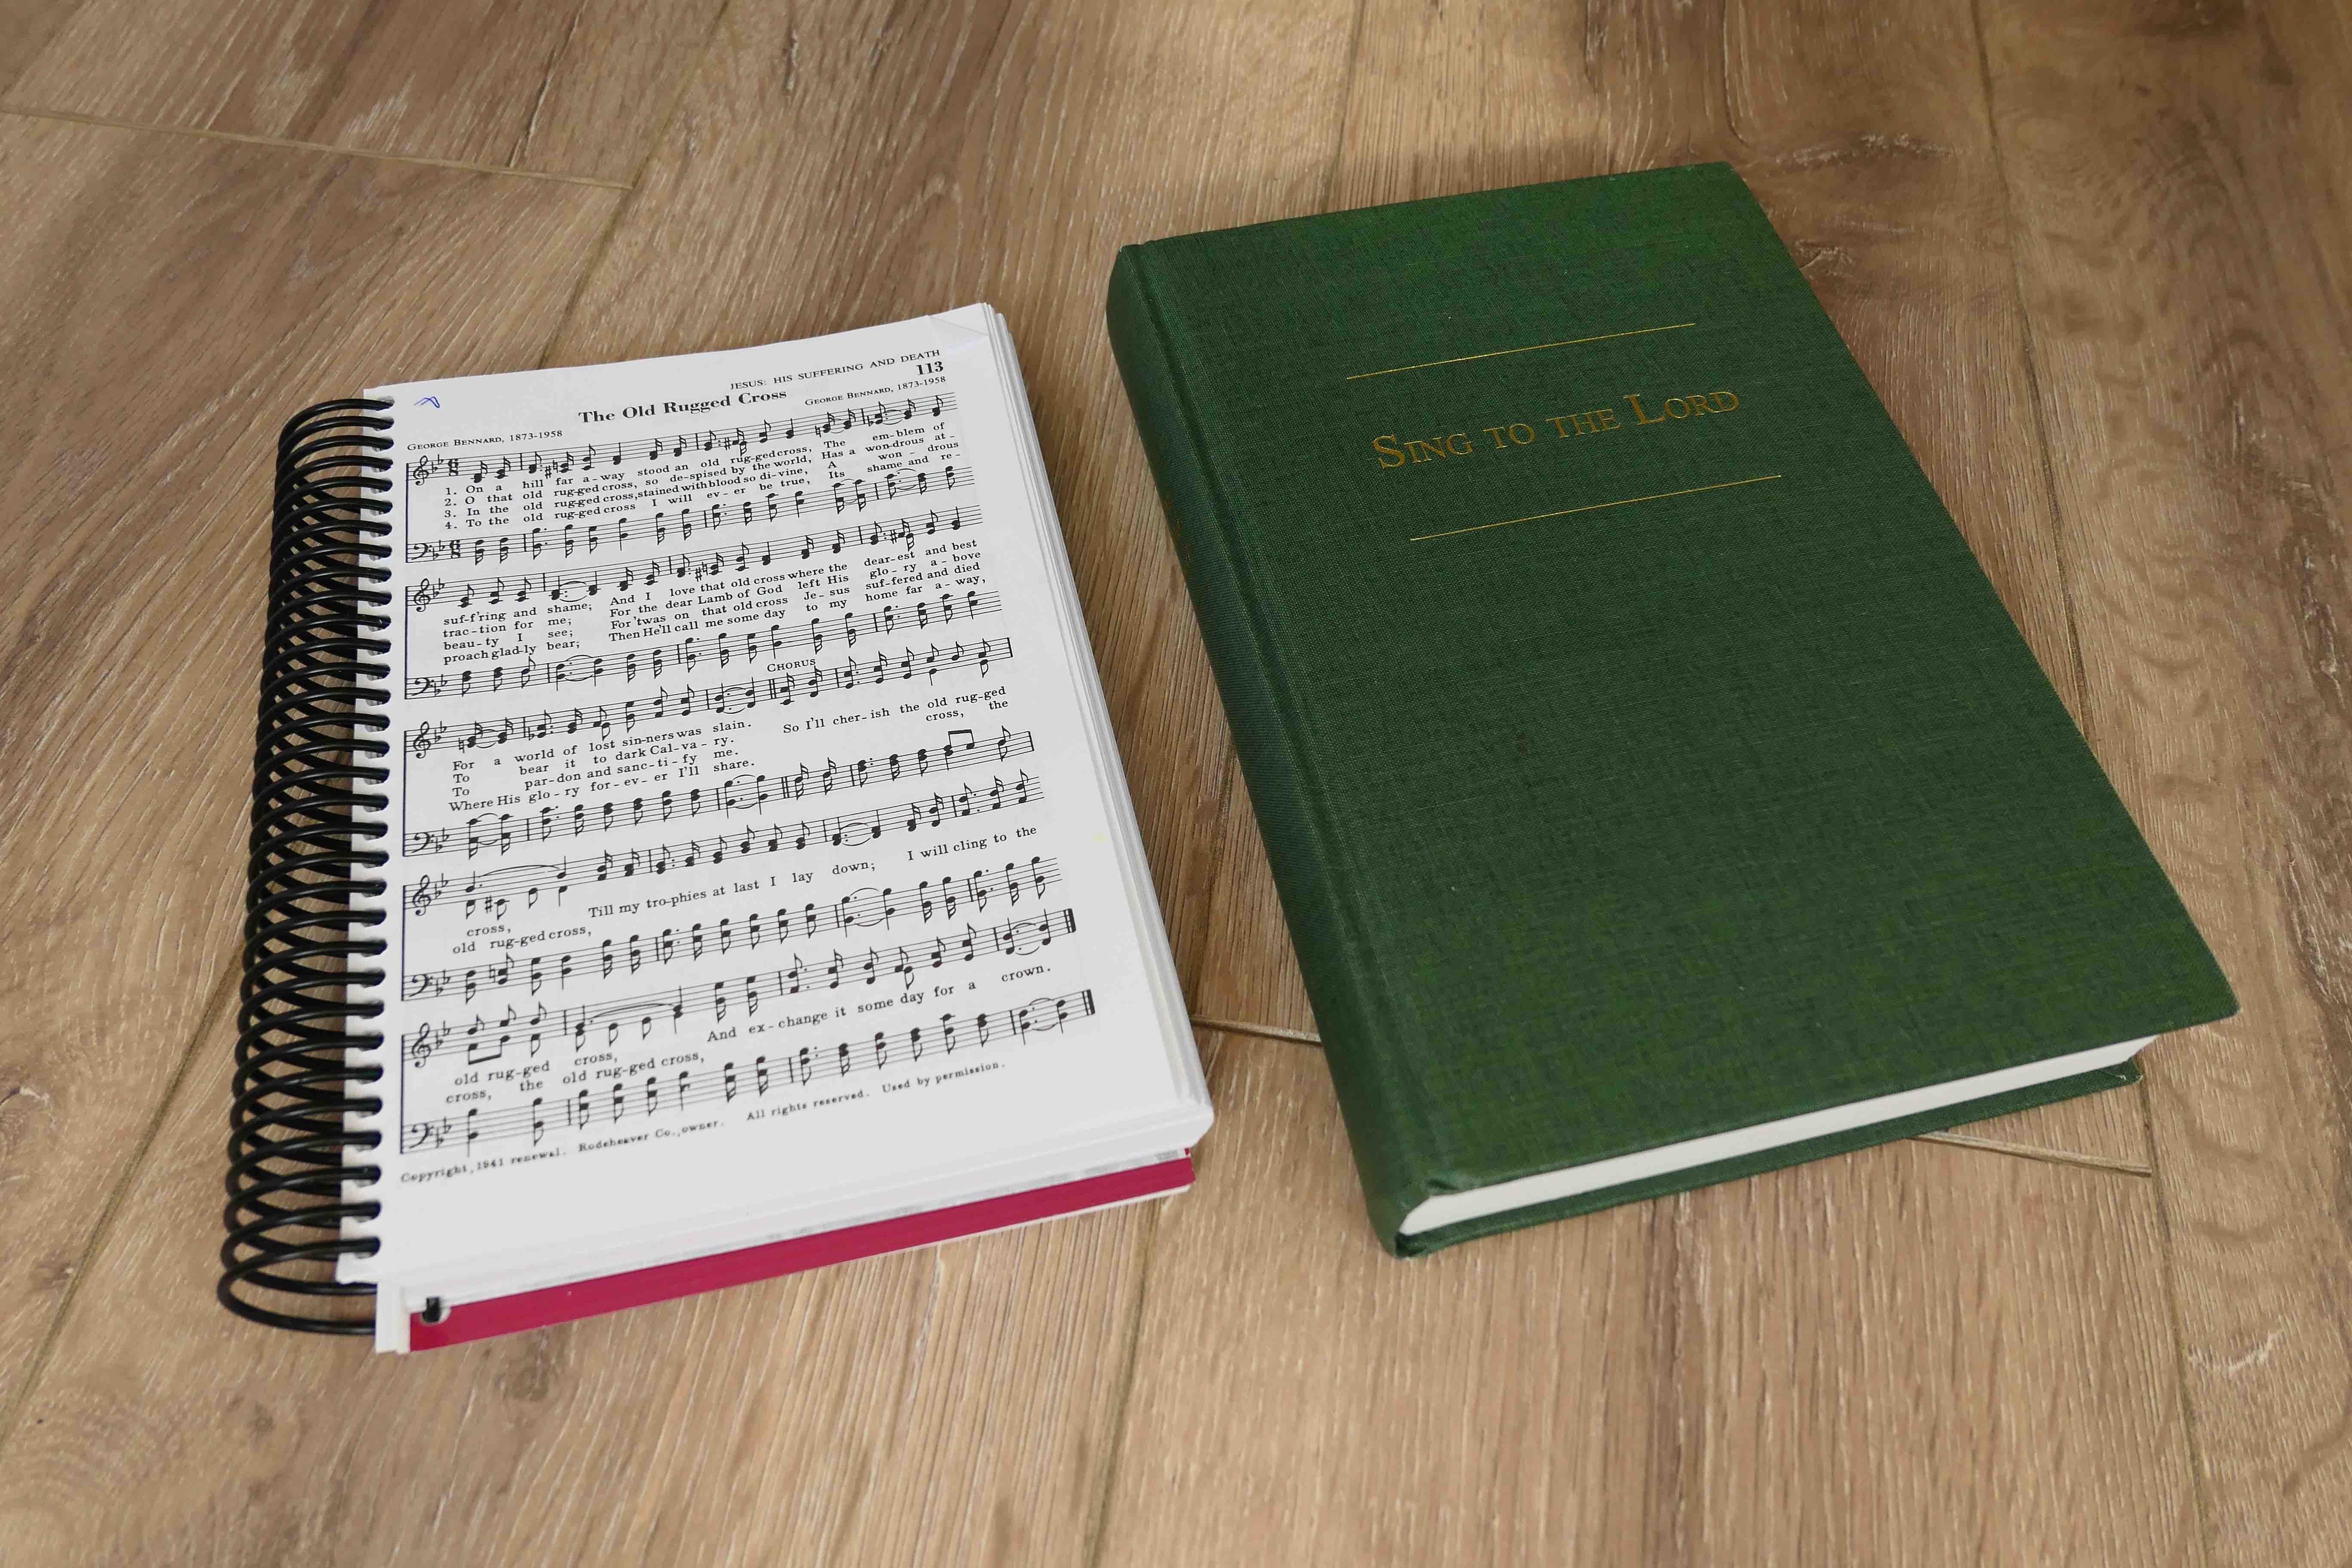 Great Hymns of the Faith Hymn Book, Great Hymns of the Faith, Hymne Boek